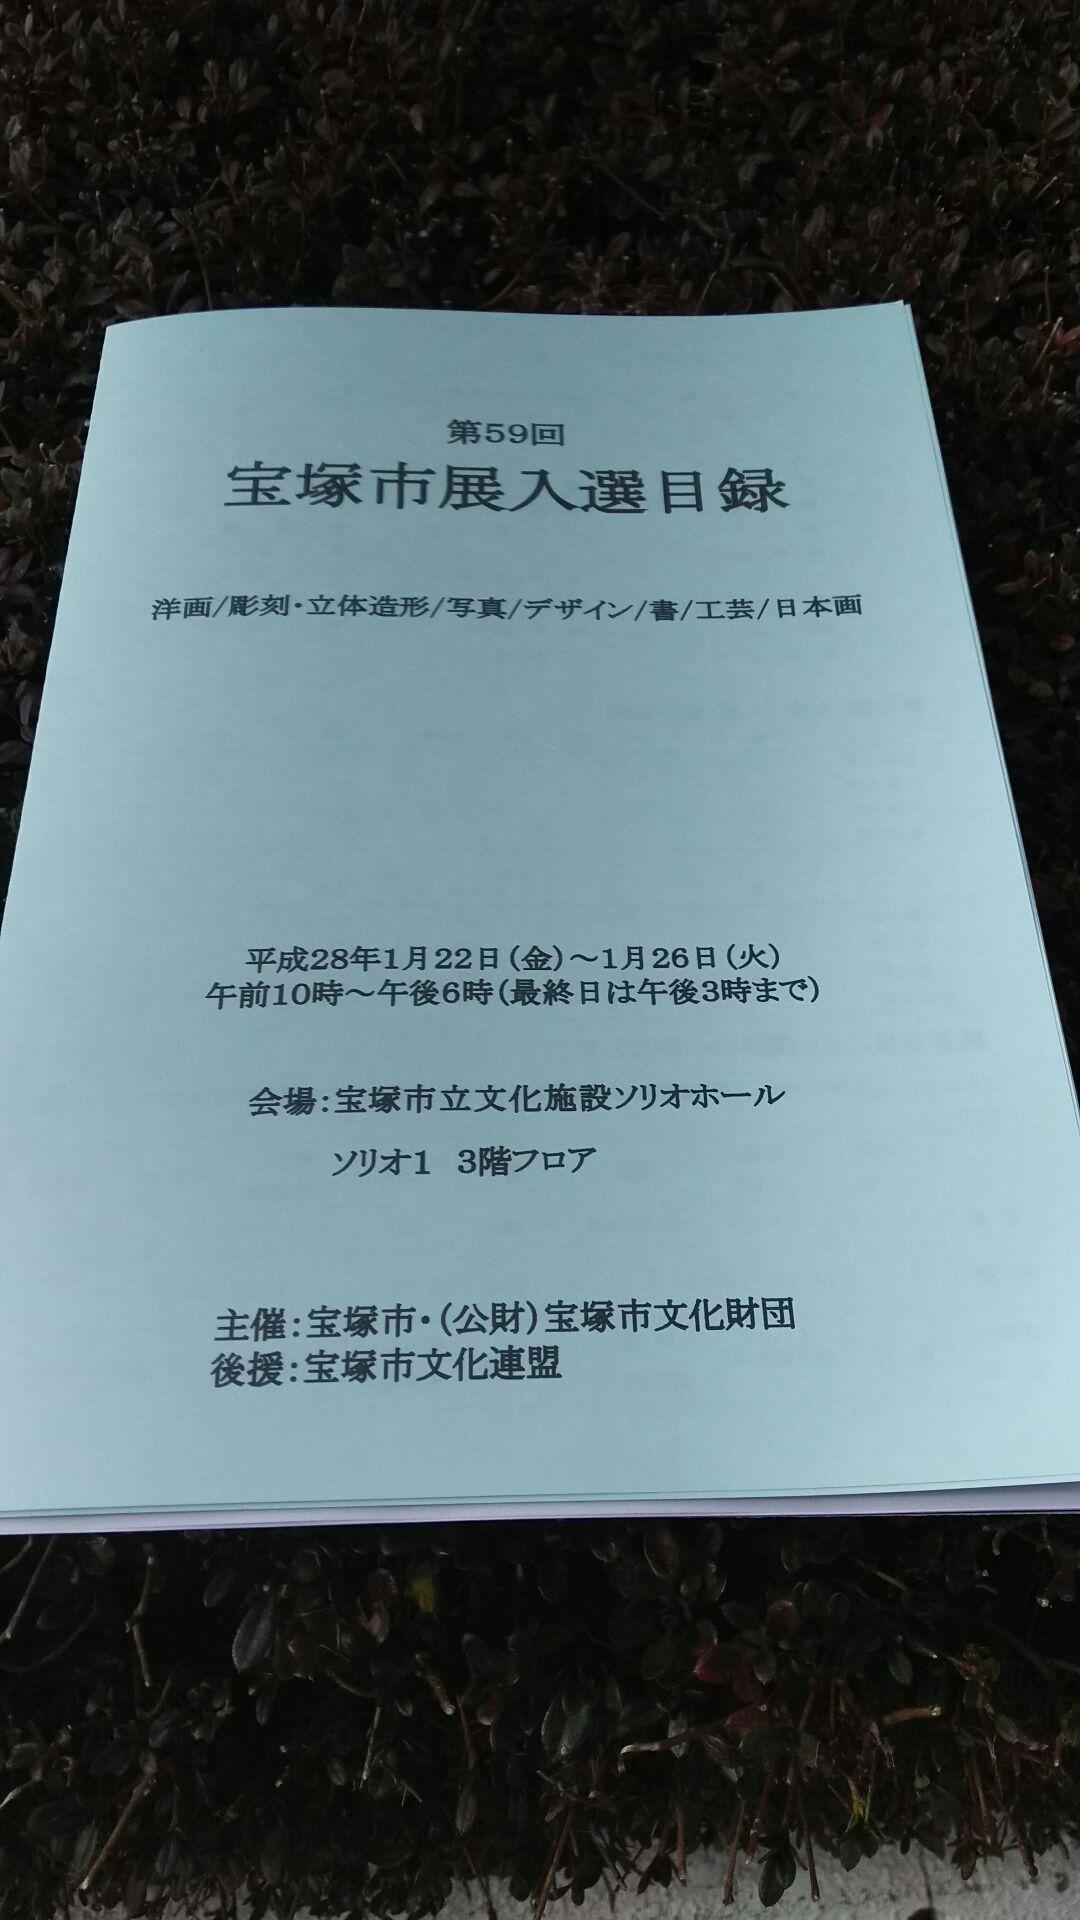 第59回宝塚市展入選_a0288226_21542548.jpg